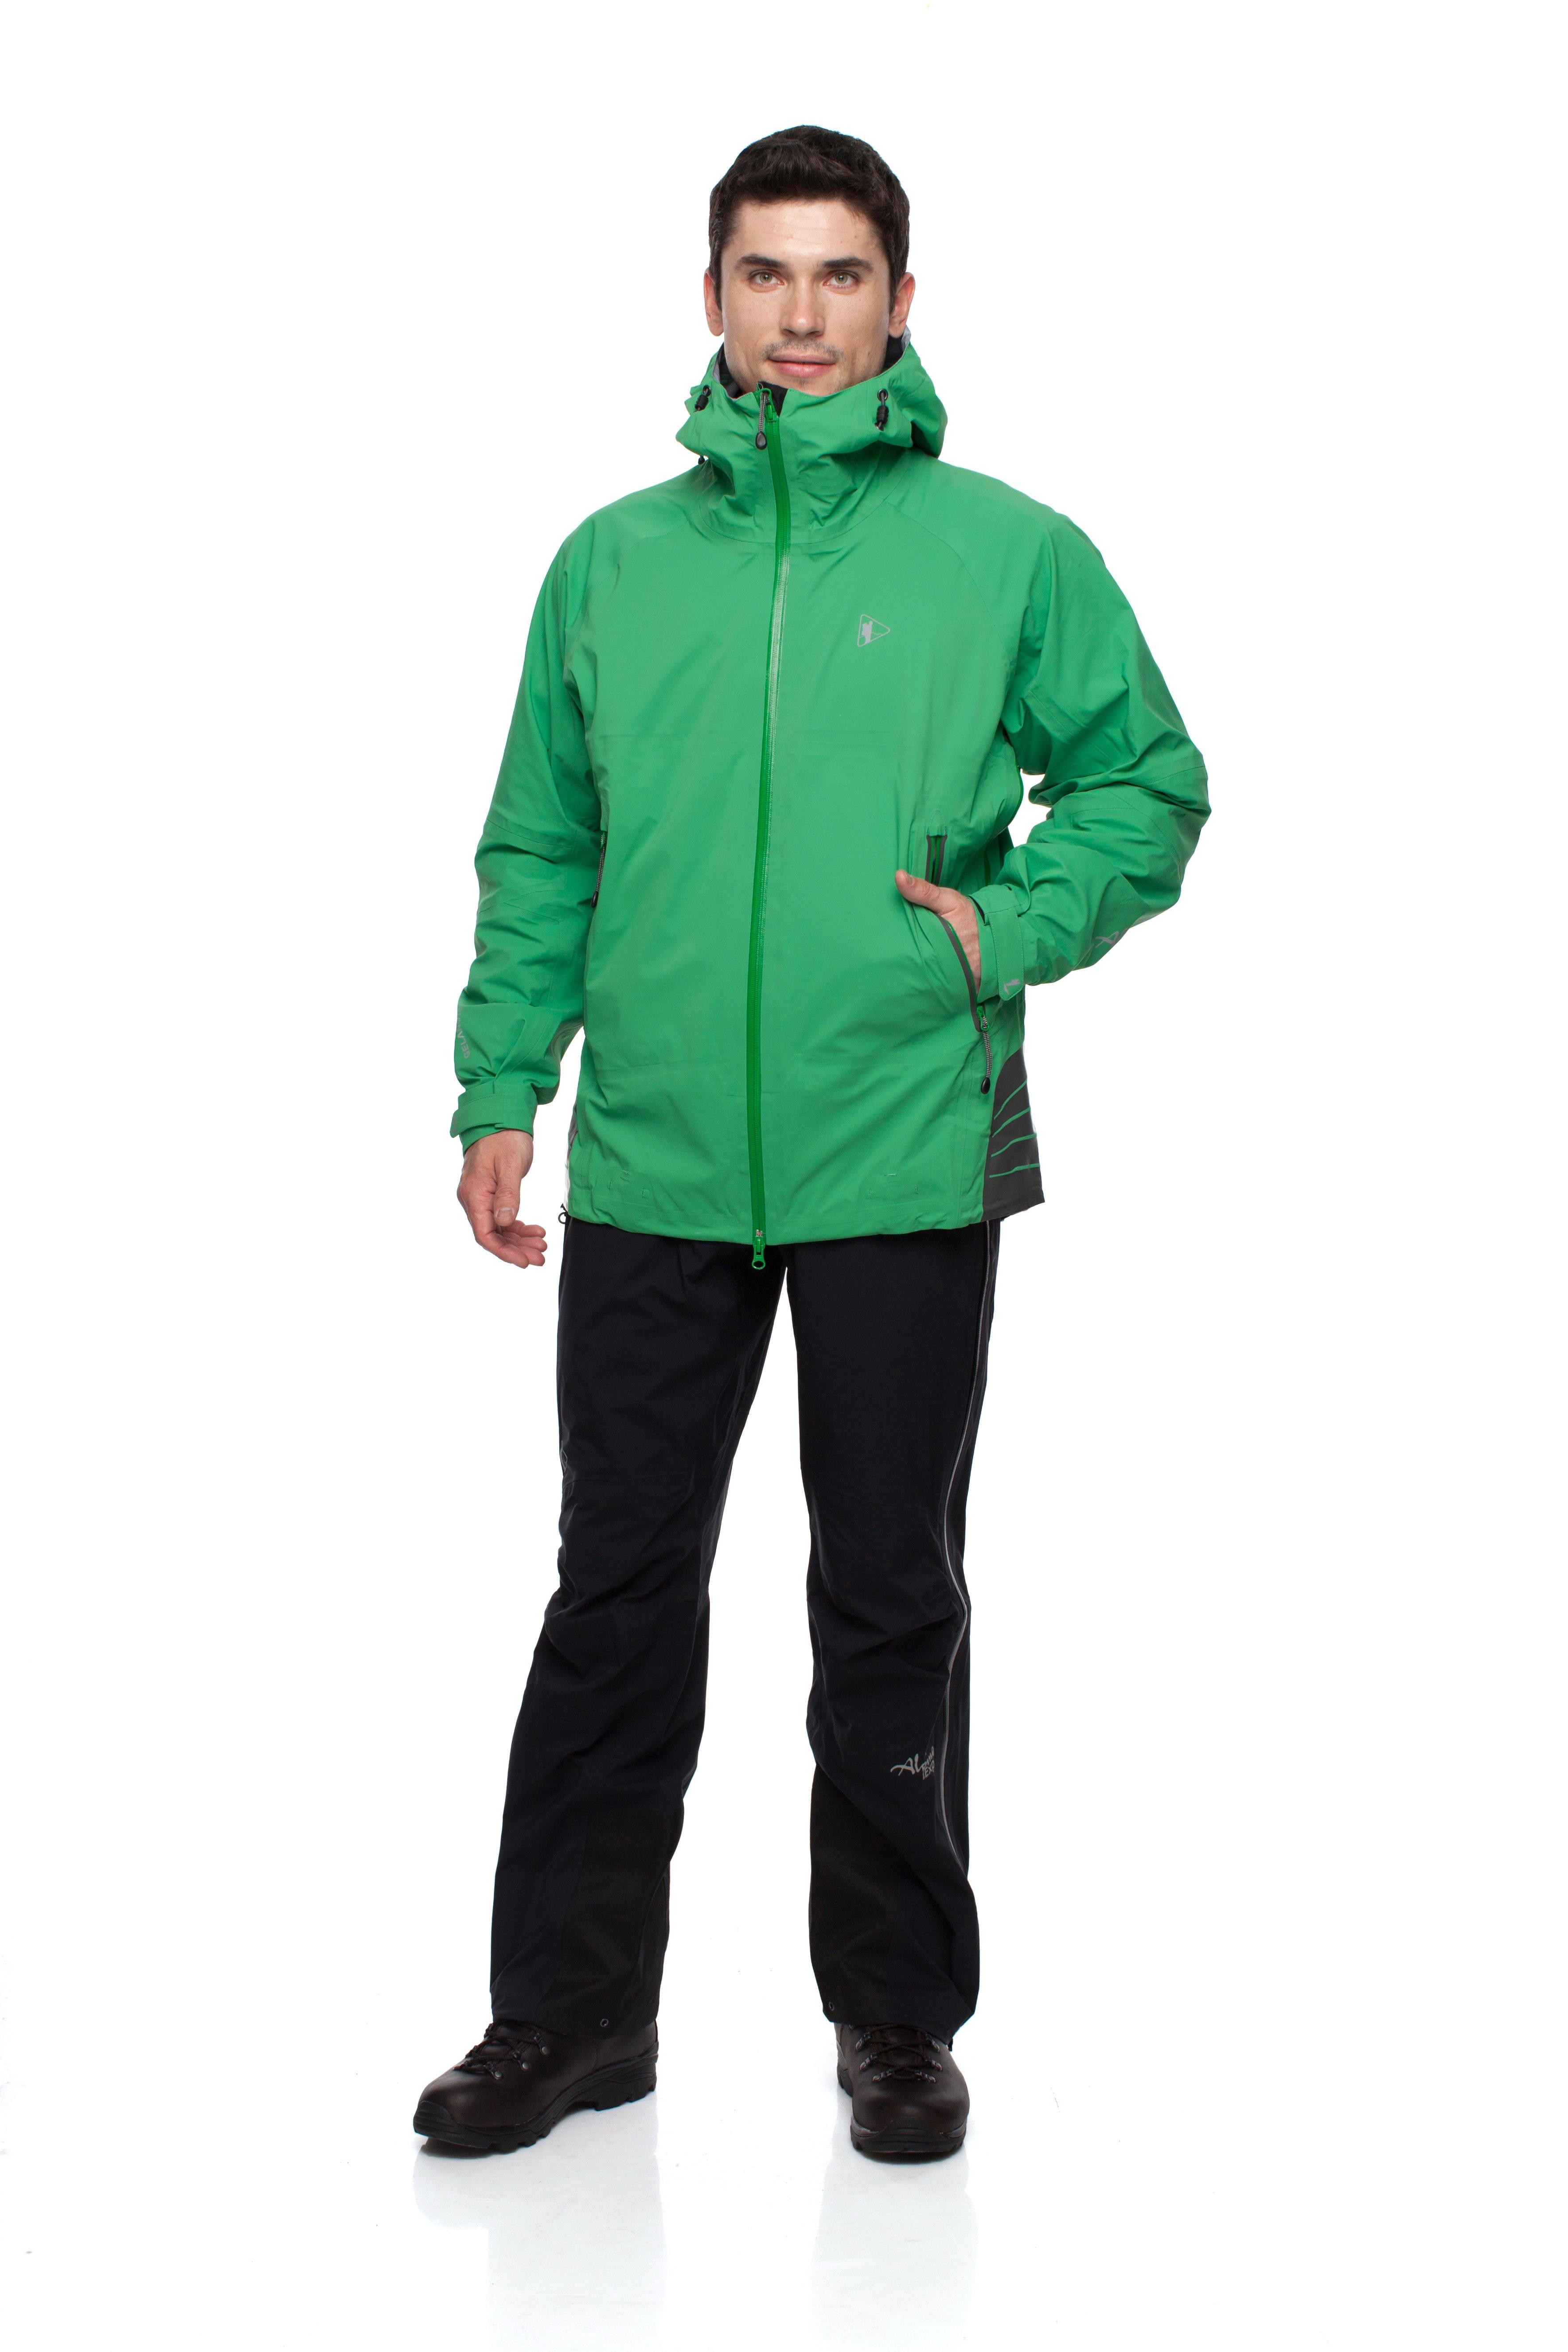 Куртка BASK GRAPHITE GELANOTS 4243aВысокотехнологичная легкая штормовая куртка, выполненная из трехслойной мембраной ткани  Gelanots® .<br><br>Верхняя ткань: Gelanots®<br>Вес граммы: 560<br>Ветро-влагозащитные свойства верхней ткани: Да<br>Ветрозащитная планка: Да<br>Ветрозащитная юбка: Нет<br>Влагозащитные молнии: Да<br>Внутренние манжеты: Нет<br>Водонепроницаемость: 20000<br>Дублирующий центральную молнию клапан: Нет<br>Защитный козырёк капюшона: Да<br>Капюшон: несъемный<br>Карман для средств связи: Да<br>Количество внешних карманов: 3<br>Количество внутренних карманов: 1<br>Мембрана: Gelanots®<br>Объемный крой локтевой зоны: Да<br>Отстёгивающиеся рукава: Нет<br>Паропроницаемость: 20000<br>Пол: Унисекс<br>Проклейка швов: Да<br>Размеры: S - XXL<br>Регулировка манжетов рукавов: Да<br>Регулировка низа: Да<br>Регулировка объёма капюшона: Да<br>Регулировка талии: Да<br>Регулируемые вентиляционные отверстия: Да<br>Световозвращающая лента: Нет<br>Технология Thermal Welding: Да<br>Технология швов: Thermal Welding<br>Тип молнии: двухзамковая влагозащитная<br>Ткань усиления: нет<br>Усиление контактных зон: Да<br>Размер INT: XL<br>Цвет: ЗЕЛЕНЫЙ